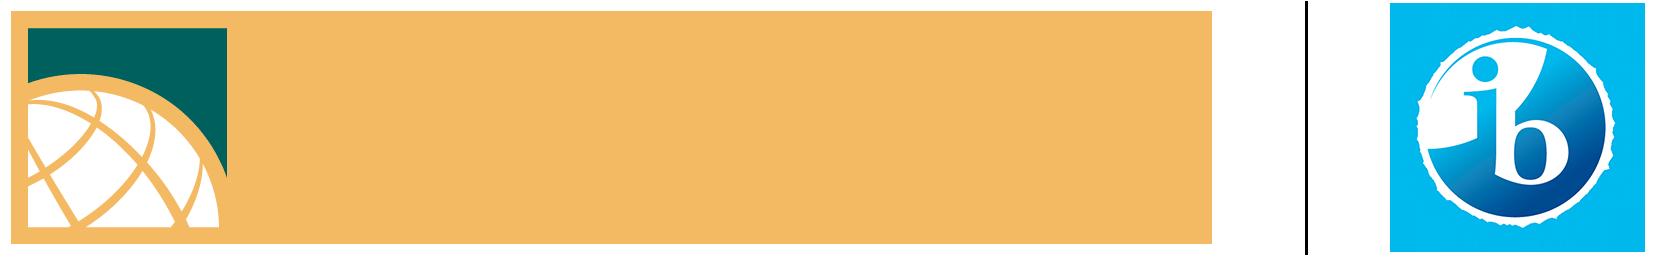 Escola Internacional de Alphaville